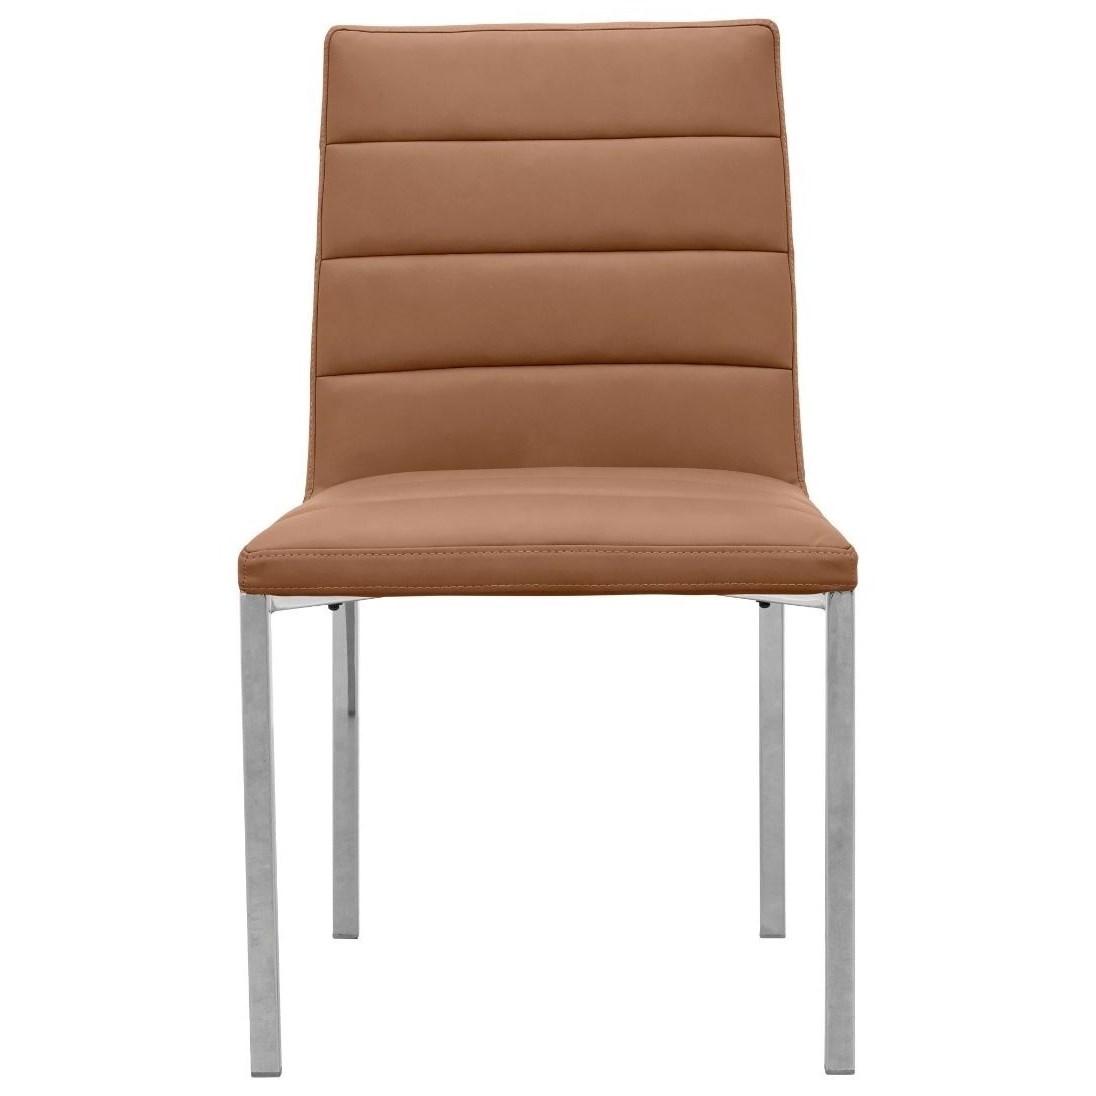 Metal Back Chair in Cognac